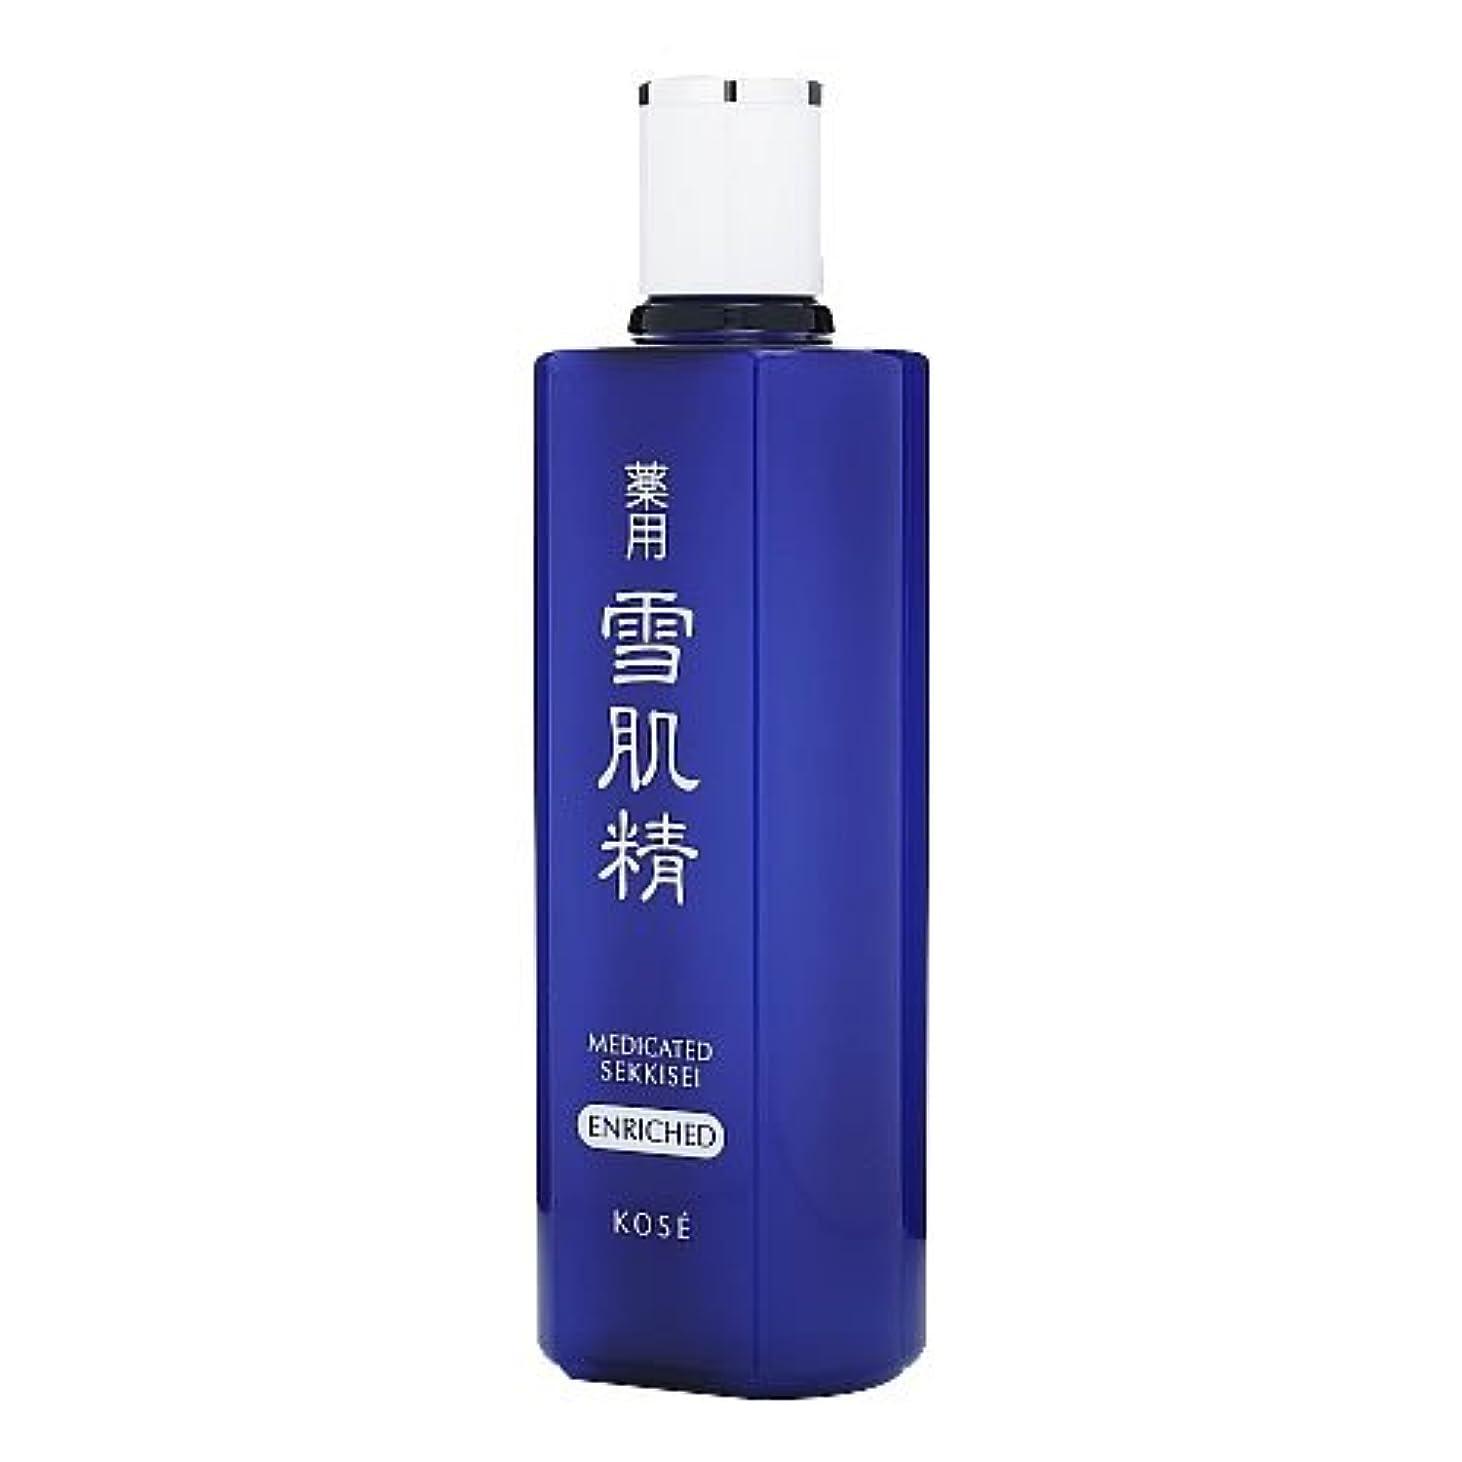 蒸留する懺悔食品コーセー KOSE 薬用 雪肌精 エンリッチ 360ml [並行輸入品]